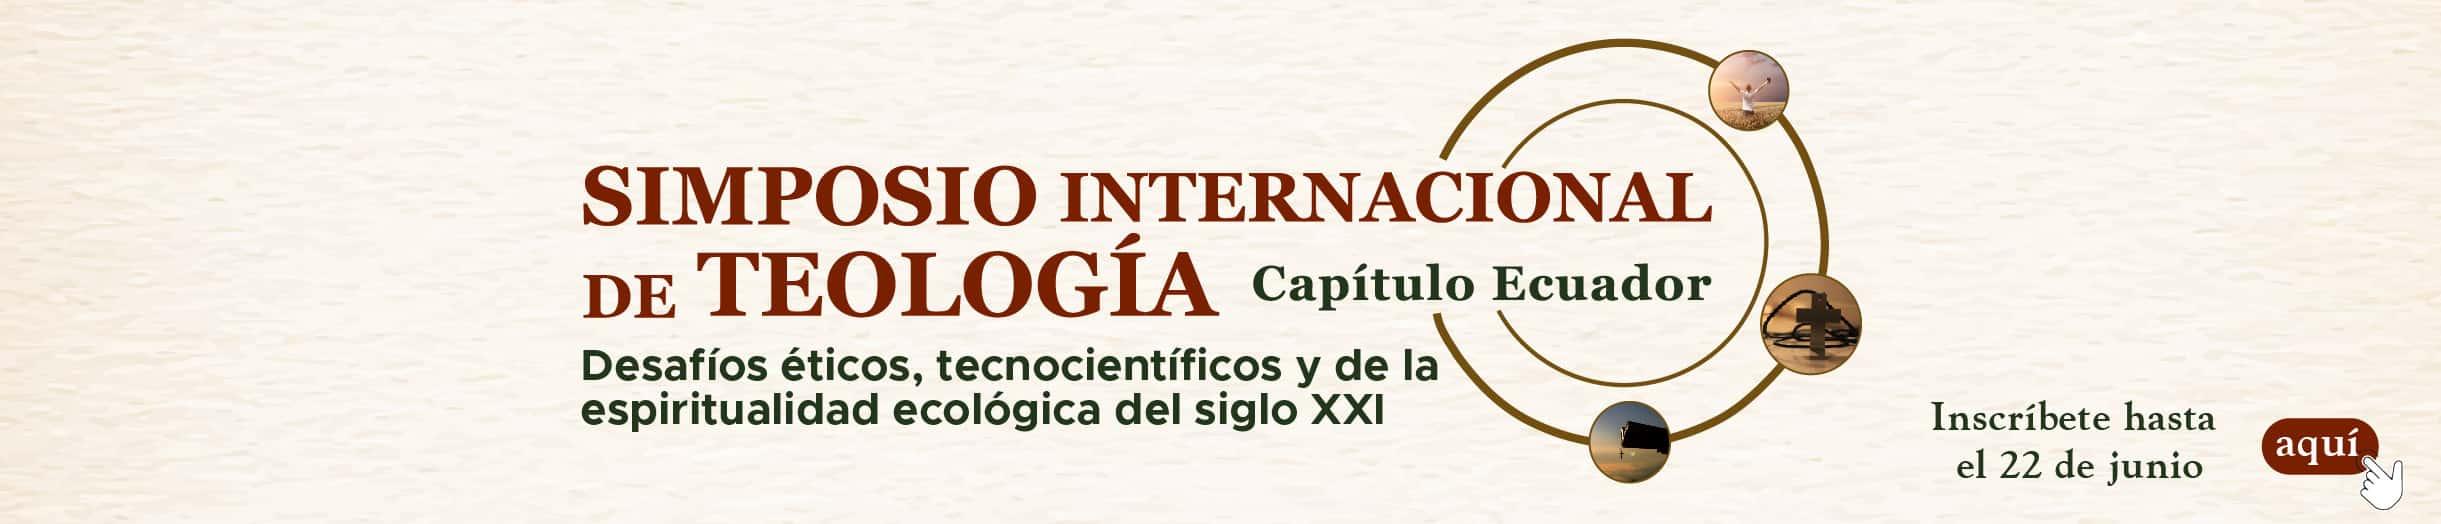 dest - simposio internacional de teología